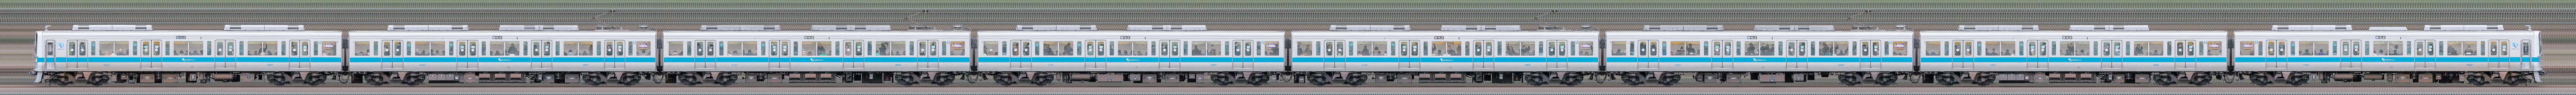 小田急1000形1081×8(山側)の編成サイドビュー